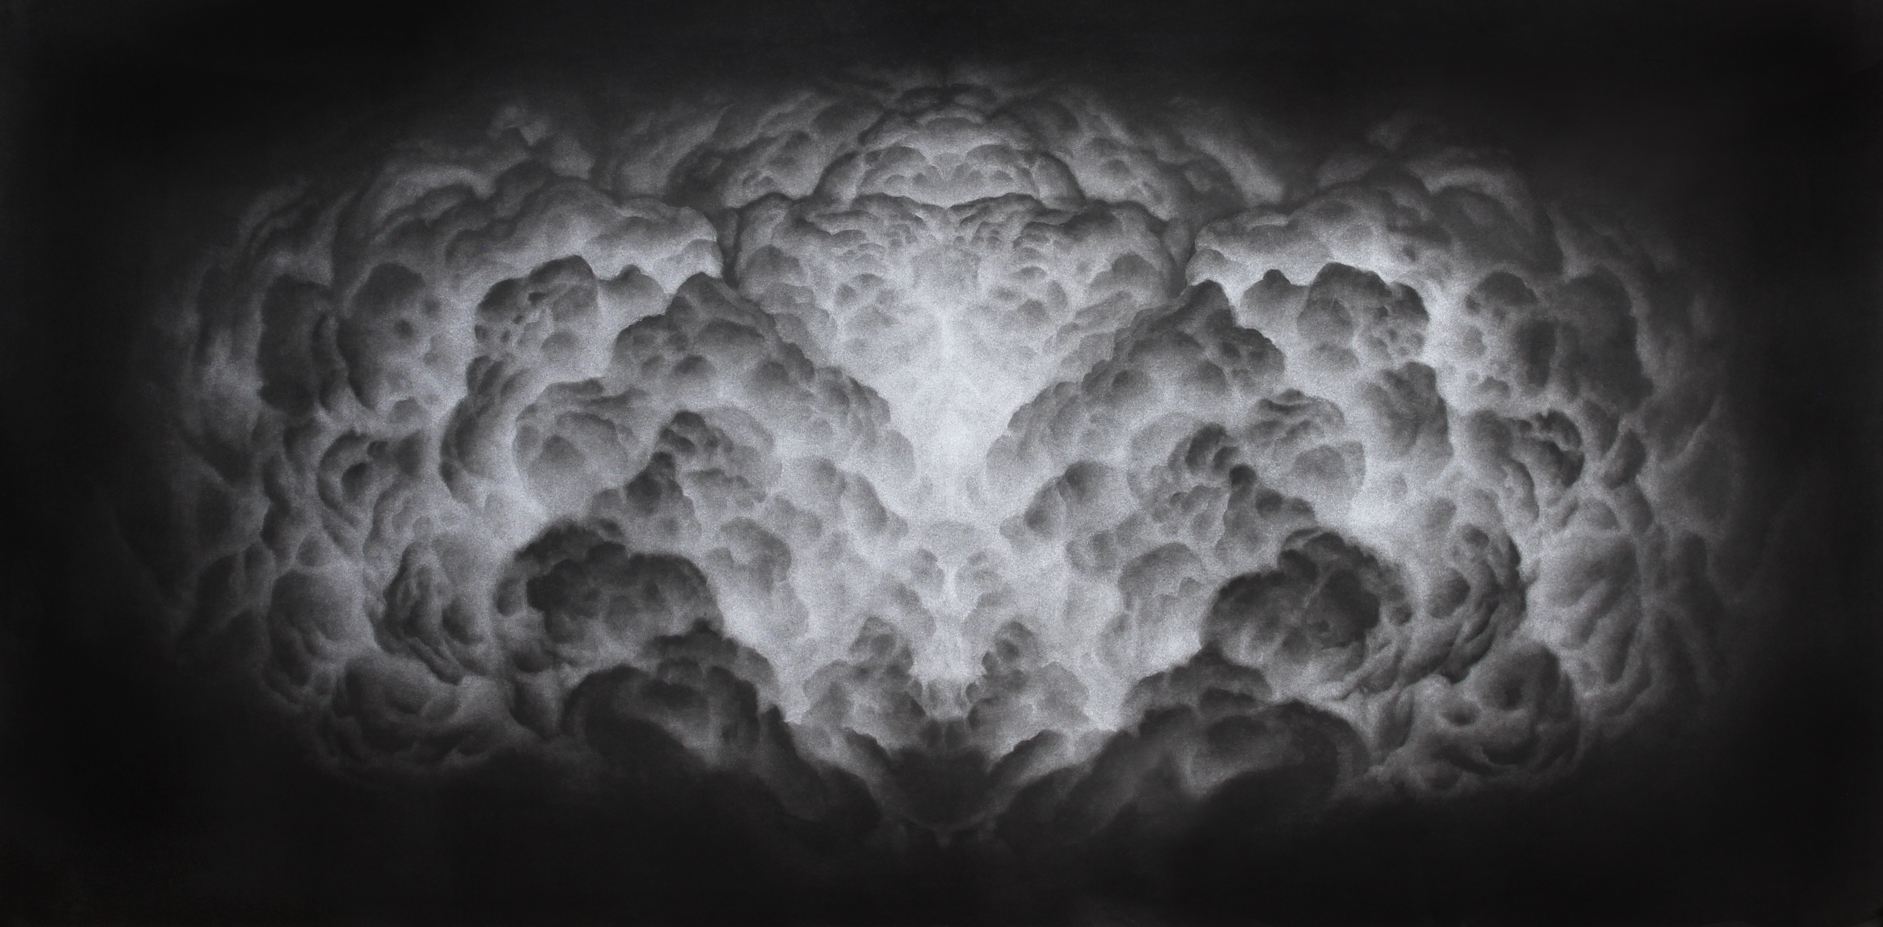 Simetrías celestes V. Carbón comprimido sobre papel. 120 x 60 cm. 2018,